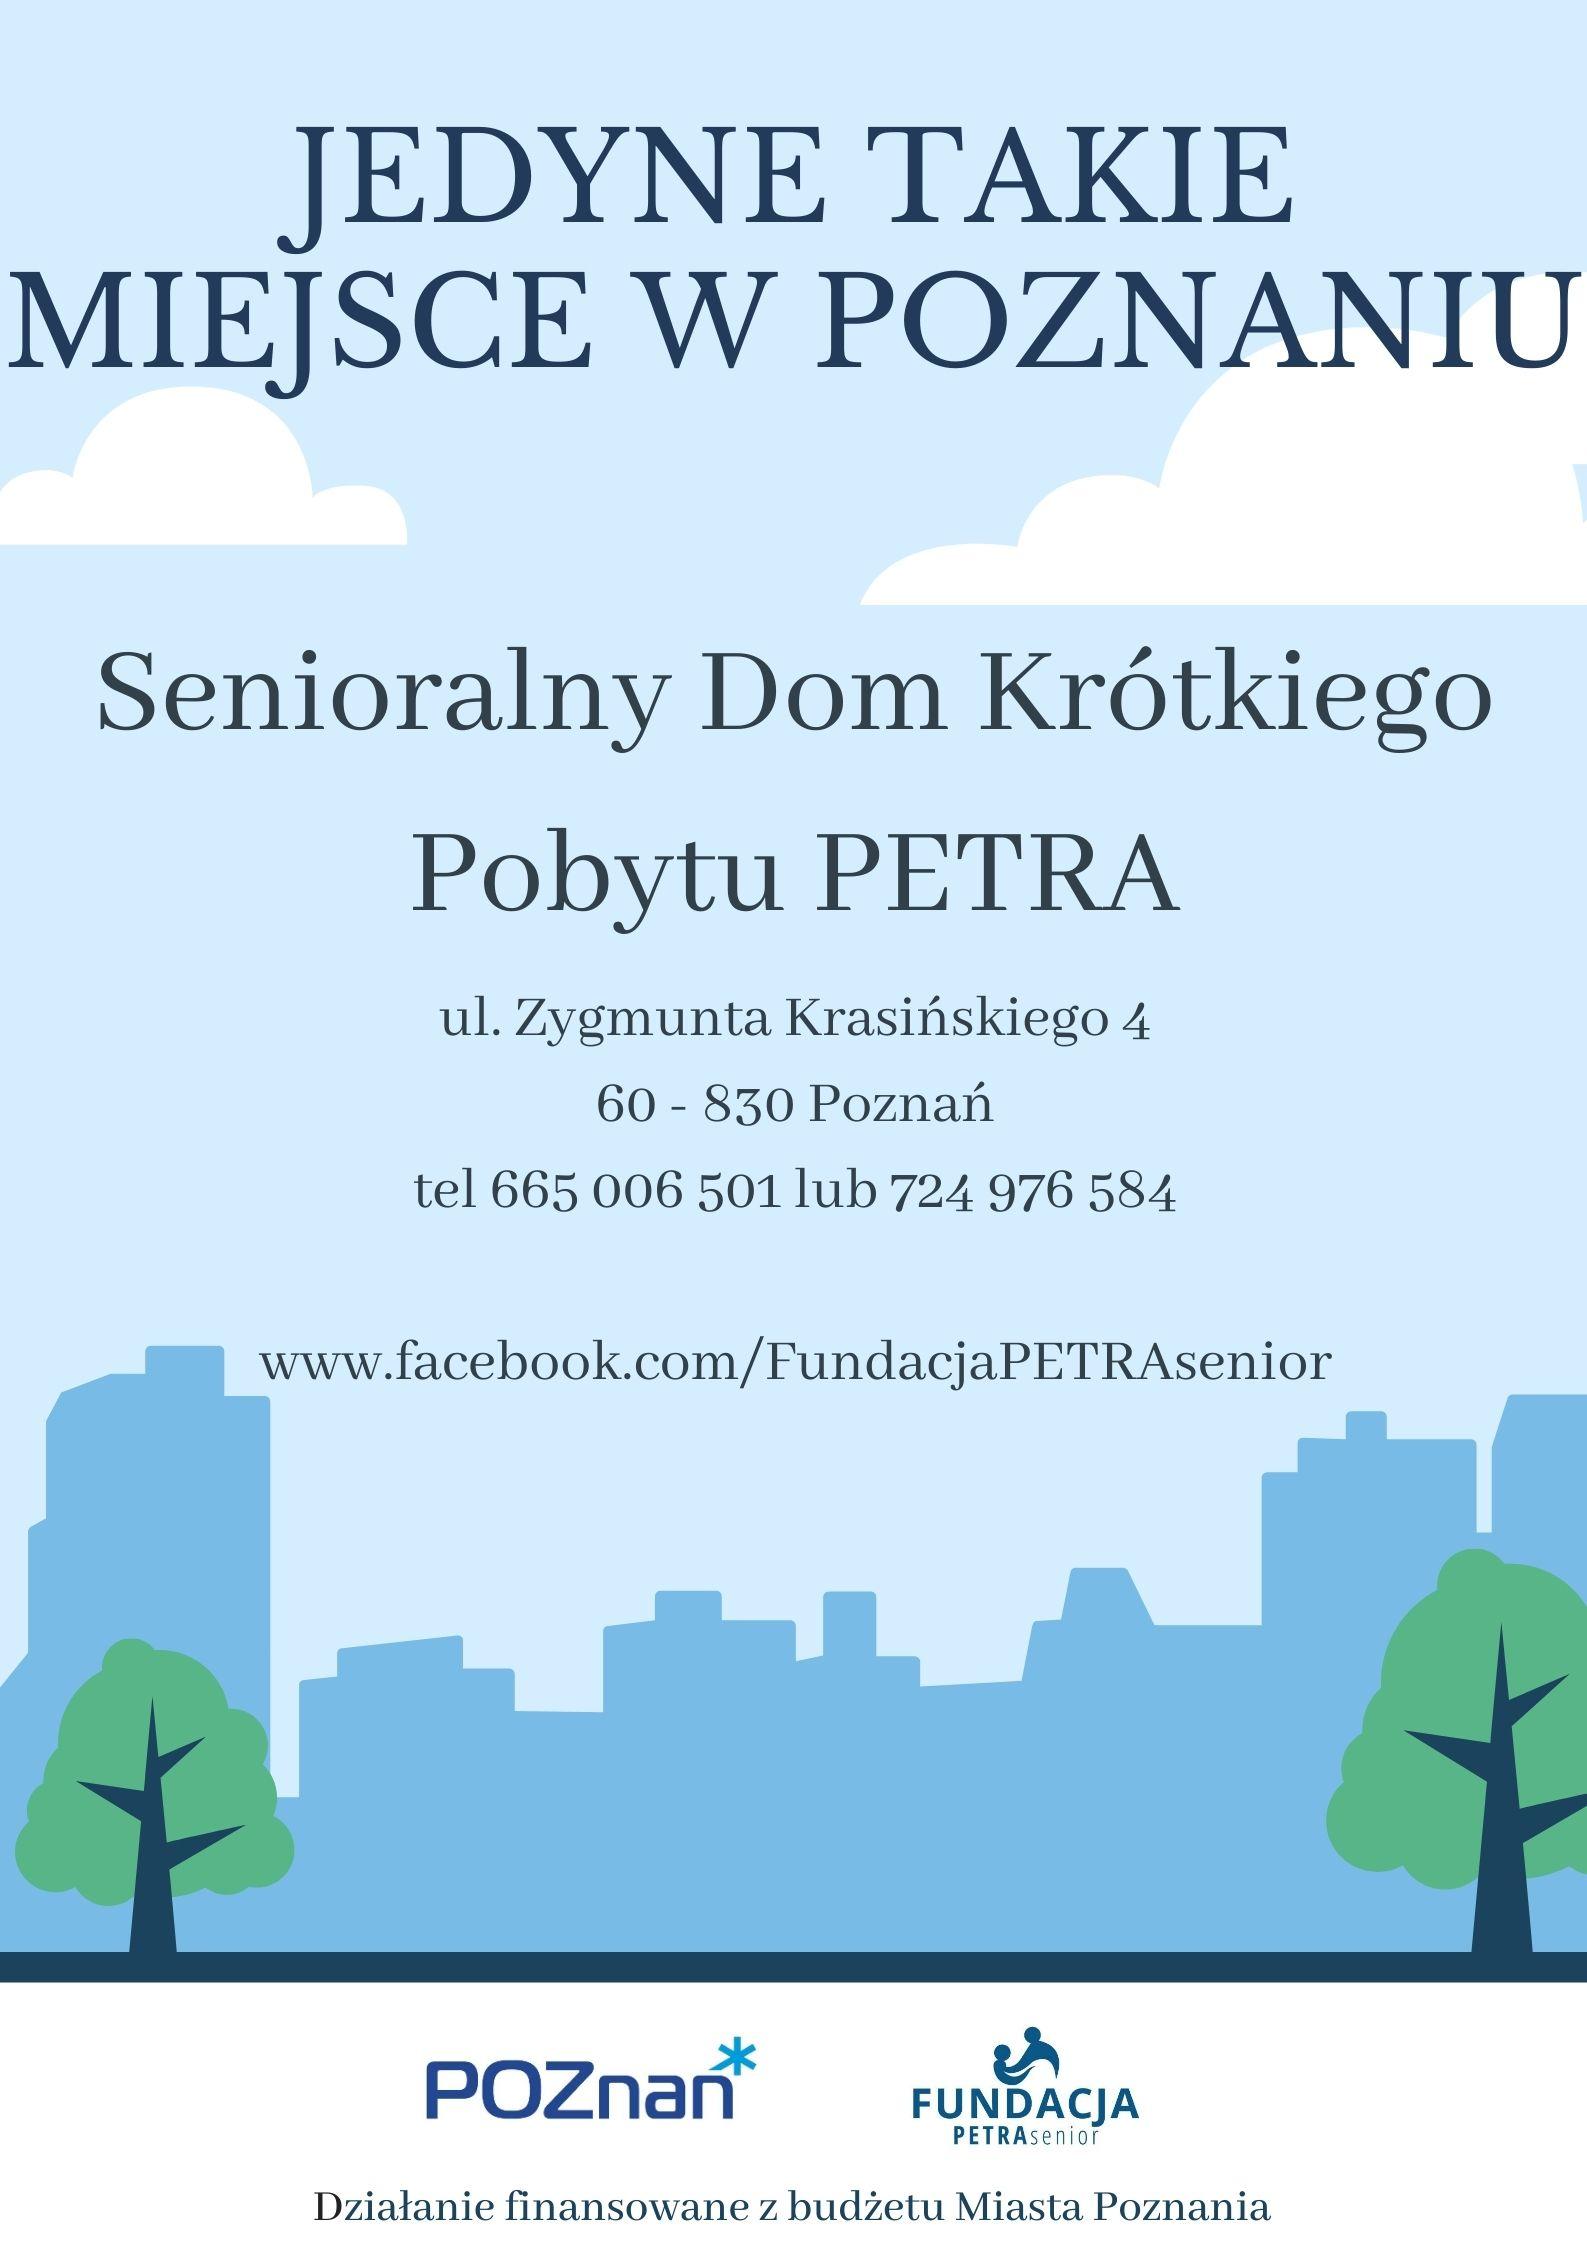 Plakat informuje o możliwości korzystania z opieki  w dziennym domu pobytu dla osób starszych niesamodzielnych Senioralny Dom Krótkiego Pobytu PETRA  Na Plakacie widoczna jest następująca treść:  JEDYNE TAKIE MIEJSCE W POZNANIU - Senioralny Dom Krótkiego Pobytu PETRA ul. Zygmunta Krasińskiego 4, 60 - 830 Poznań tel 665 006 501 lub 724 976 584 www.facebook.com/FundacjaPETRAsenior  Senioralny Dom Krótkiego Pobytu PETRA wspiera opiekunów faktycznych osób starszych niesamodzielnych zapewniając profesjonalną opiekę dzienną i zajęcia usprawniające dla seniorów znajdujących się pod ich opieką.  Domownicy przyjmowani są pod opiekę w sytuacjach, gdy opiekunowie, z różnych przyczyn nie mogą jej w stanie zapewnić np. ze względu na: potrzebę odpoczynku, obowiązki zawodowe, konieczność załatwienia innych ważnych spraw: wizyty urzędowe, lekarskie, itp.  Zgłoszenia przyjmujemyw godzinach 8:00 - 16:00 osobiście lub telefoniczne: Fundacja PETRA senior ul. Zygmunta Krasińskiego 4 (przy Moście Teatralnym) 60-830 Poznań 665 006 501 lub 724 976 584 www.fundacja.petra-senior.pl  Dom zapewnia opiekęw godzinach 7:00-18:00 od poniedziałku do piątku w dni robocze. Dedykowany jest osobom starszym po 60. roku życia zamieszkującym oraz płacącym podatki na terenie Miasta Poznania. Naszym domownikom zapewniamy: profesjonalną i mądrą opiekę personelu przygotowanego do pracy z osobami starszymi, - różnorodne zajęcia usprawniające poznawczo, z wykorzystaniem różnych form terapii: treningi poznawcze - ćwiczenia pamięci, terapia zajęciowa, trening higieniczny, trening kulinarny, aktywacja sensoryczna, rękodzieło, muzykoterapia, filmoterapia, hortiterapia i inne.  - zajęcia usprawniające ruchowo prowadzone przez fizjoterapeutę, - różnorodne zorganizowane formy aktywności: psychicznej, fizycznej, kulturalnej, kulinarnej, społecznej, sportowej, muzycznej, - udział w dodatkowych imprezach okolicznościowych, zajęcia integracyjne, - ciekawe propozycje zagospodarowania i spędzania czasu wolnego, udział w dod